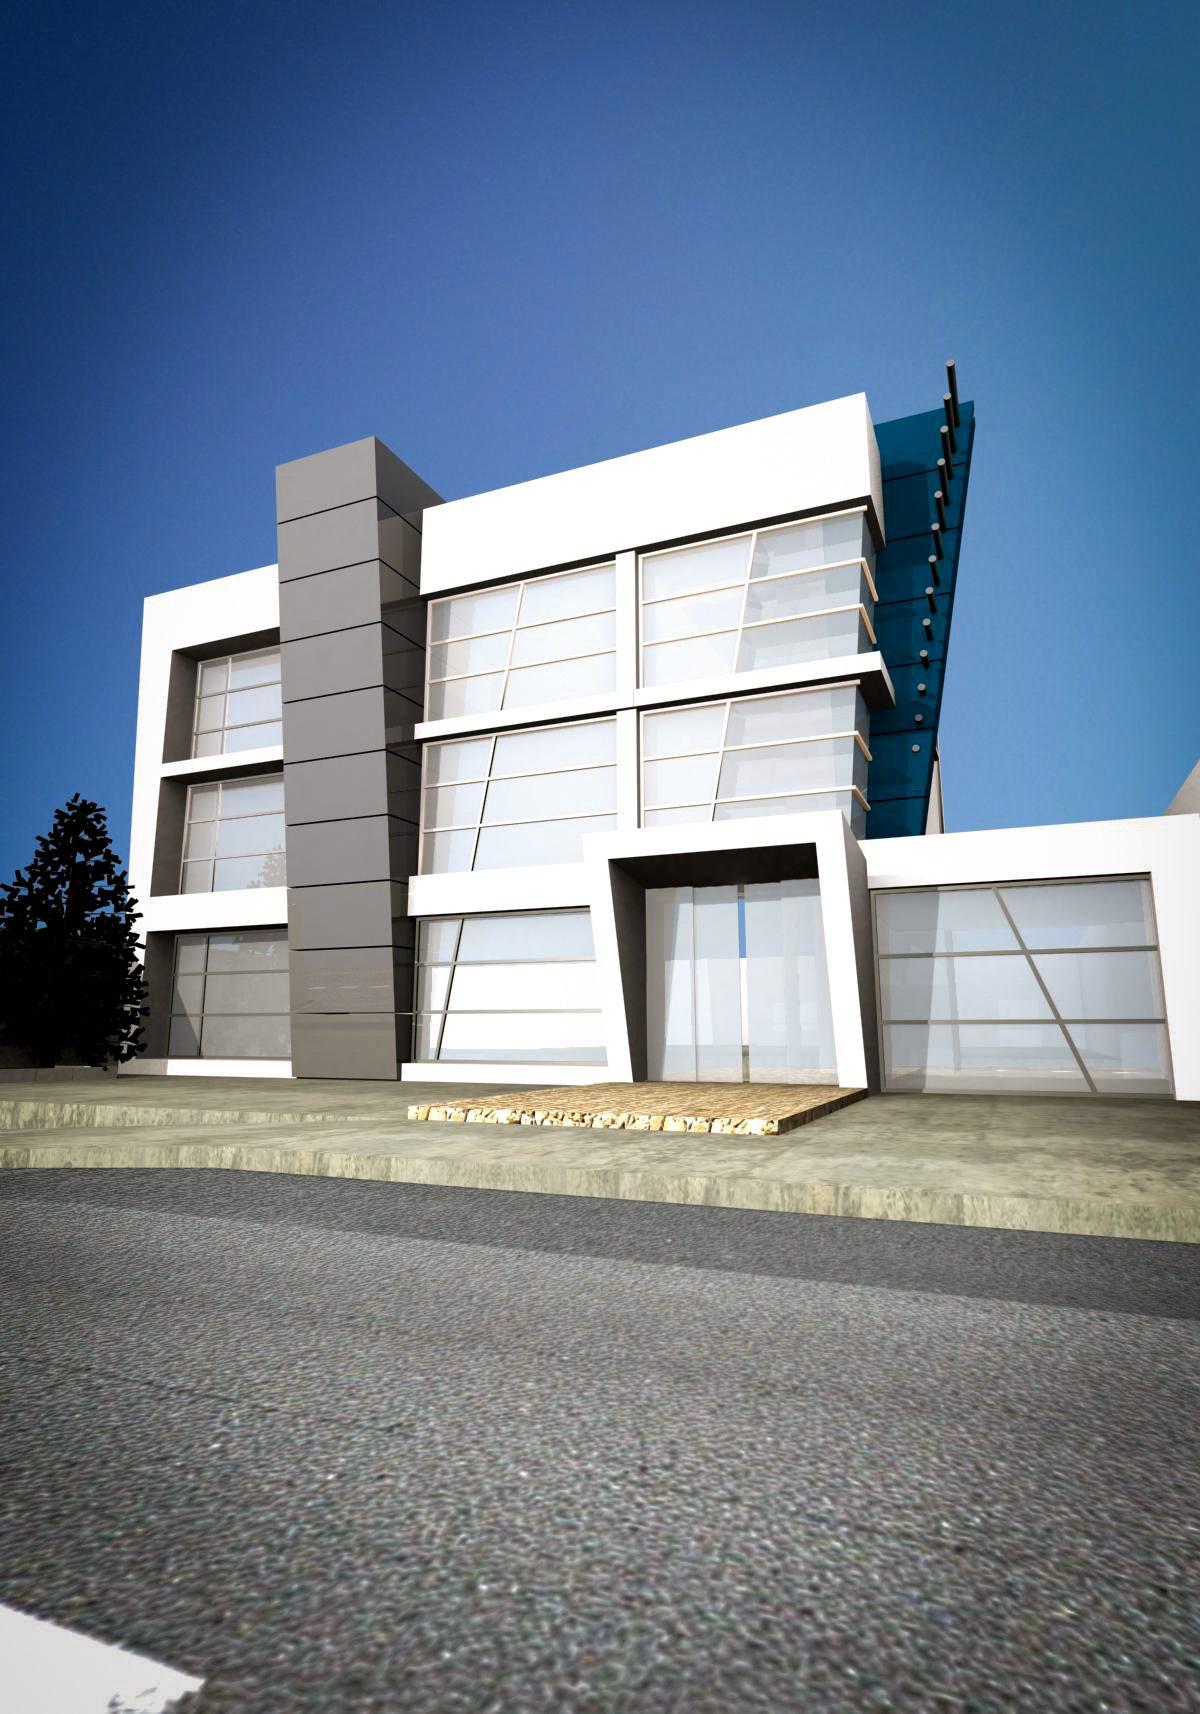 Centro-Piel-A3-Arquitectos-Quito-Ecuador-2